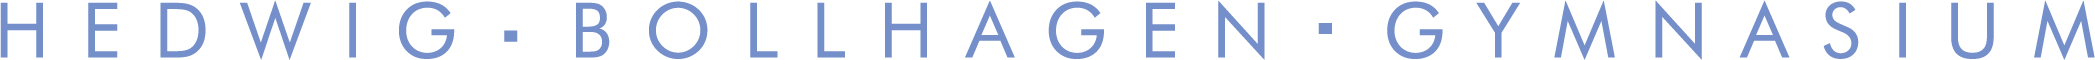 Hedwig Bollhagen Gymnasium Logo